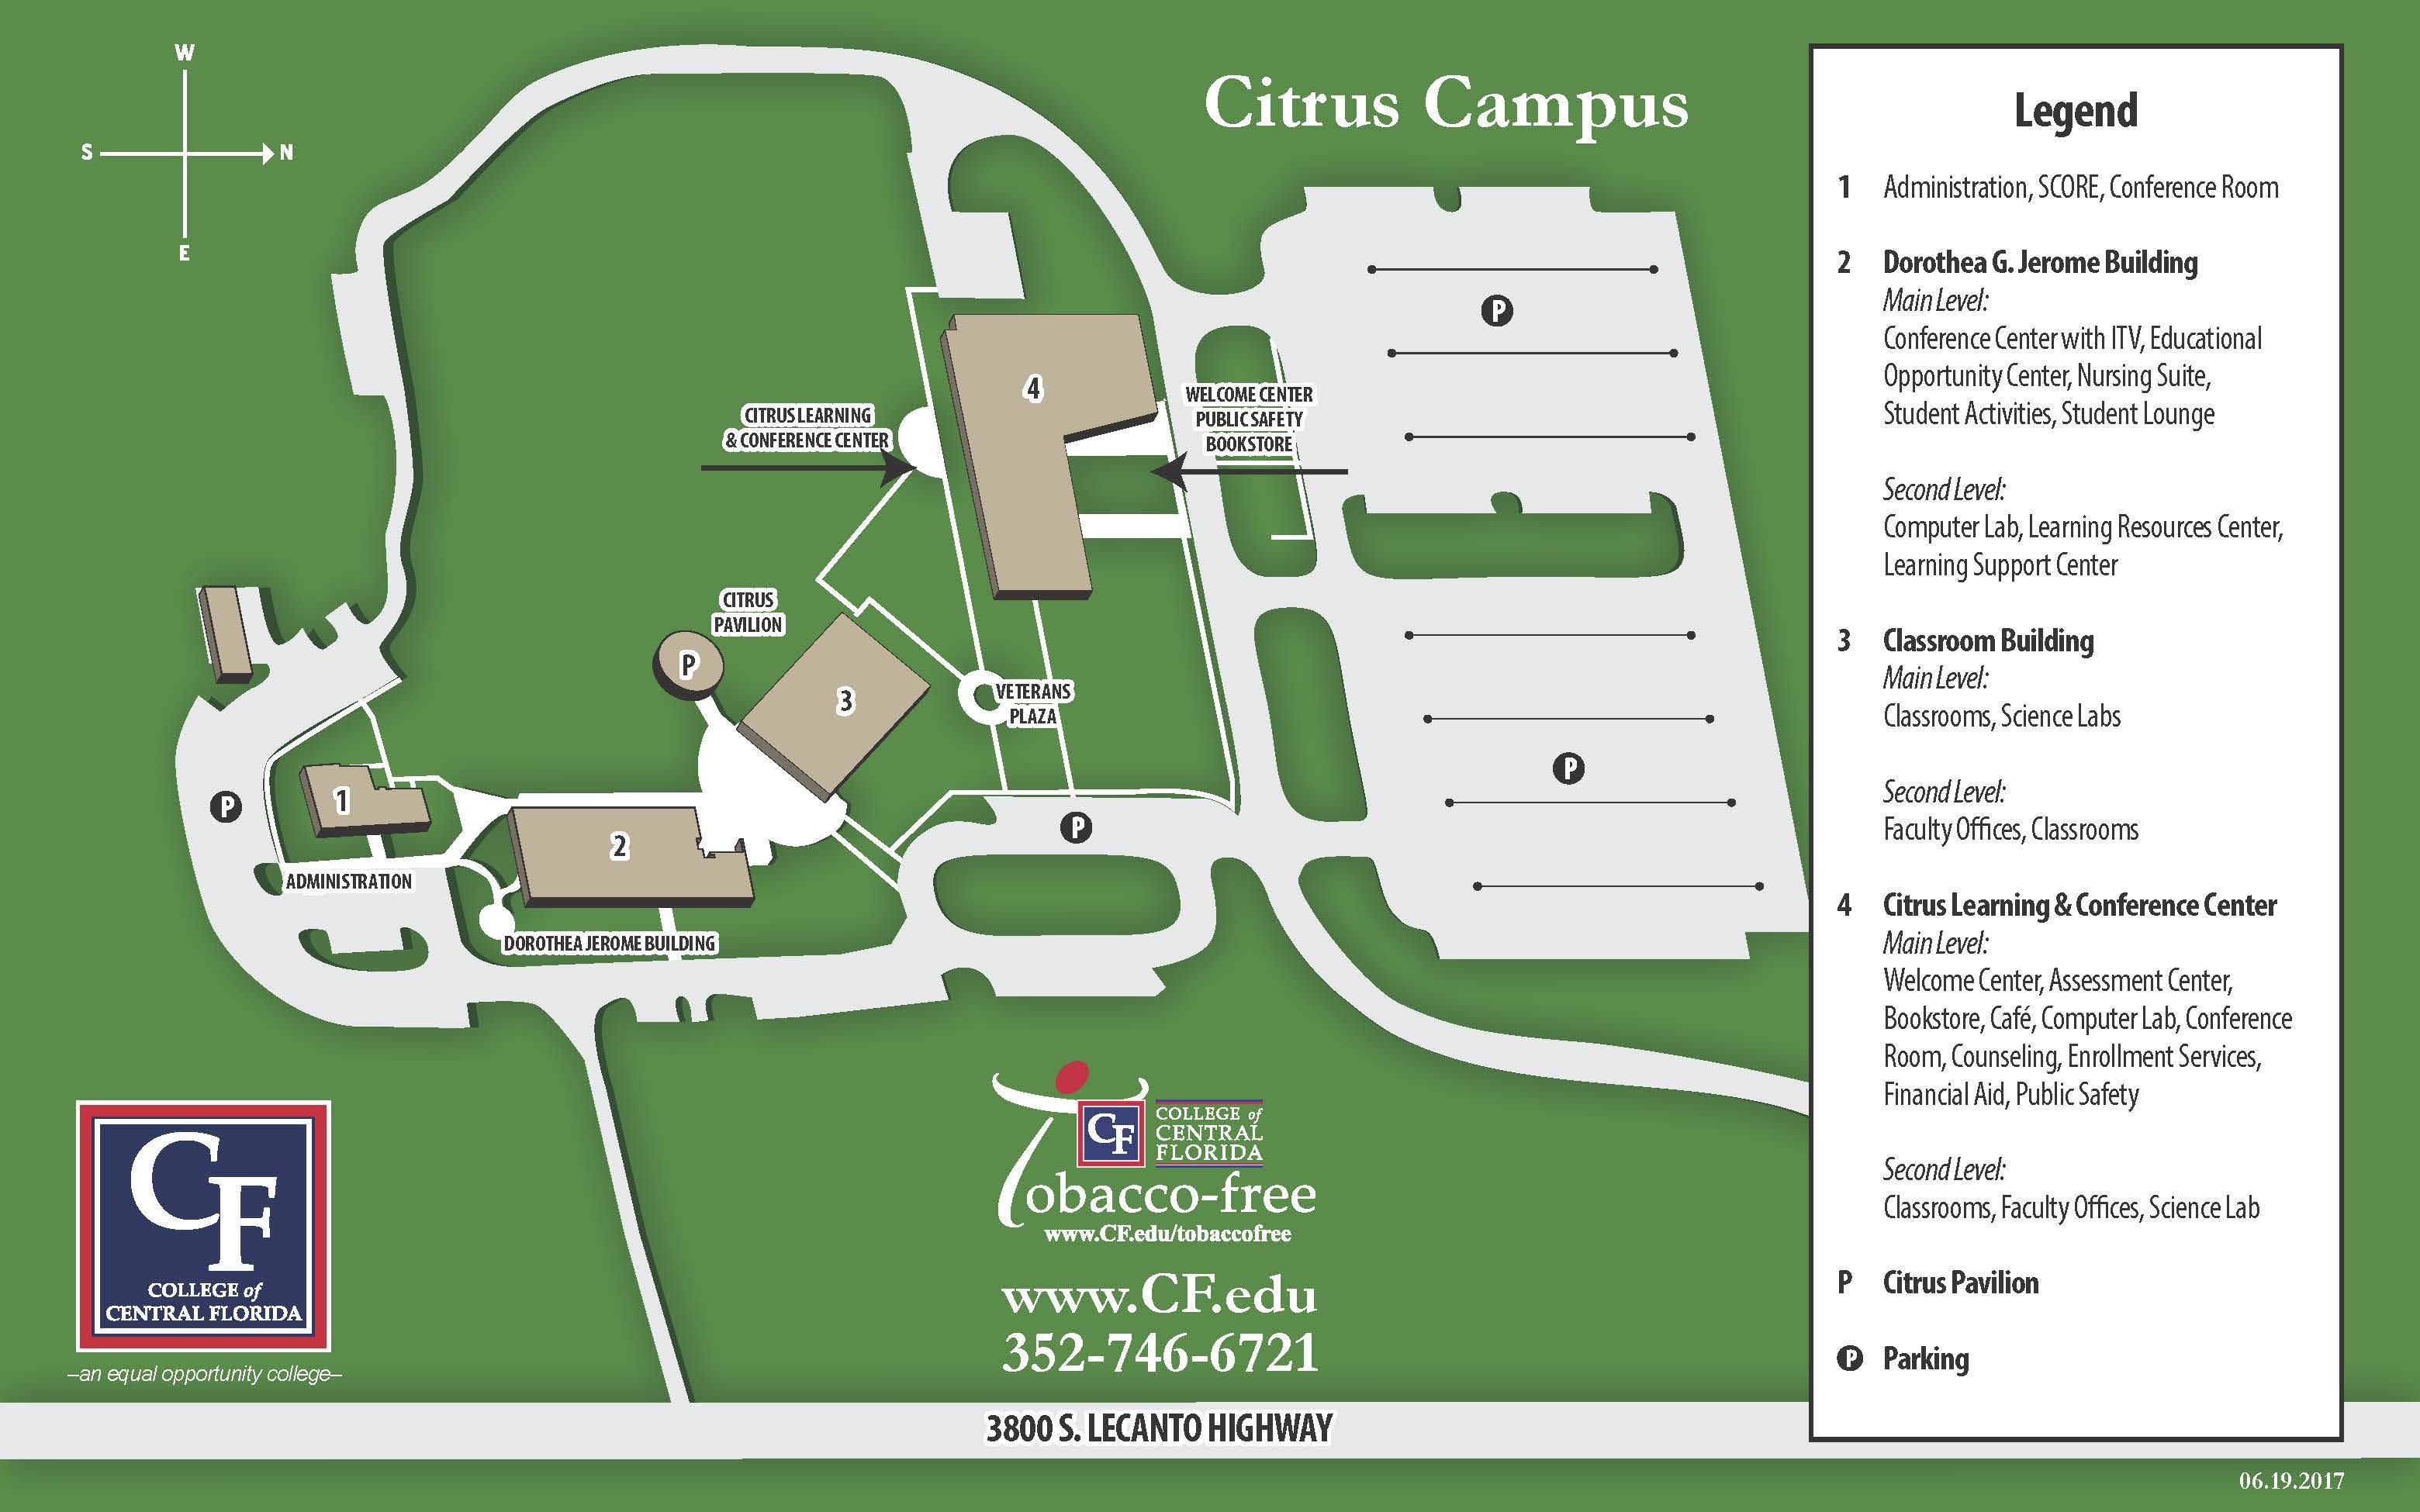 Citrus College Campus Map College of Central Florida   Citrus Campus Map